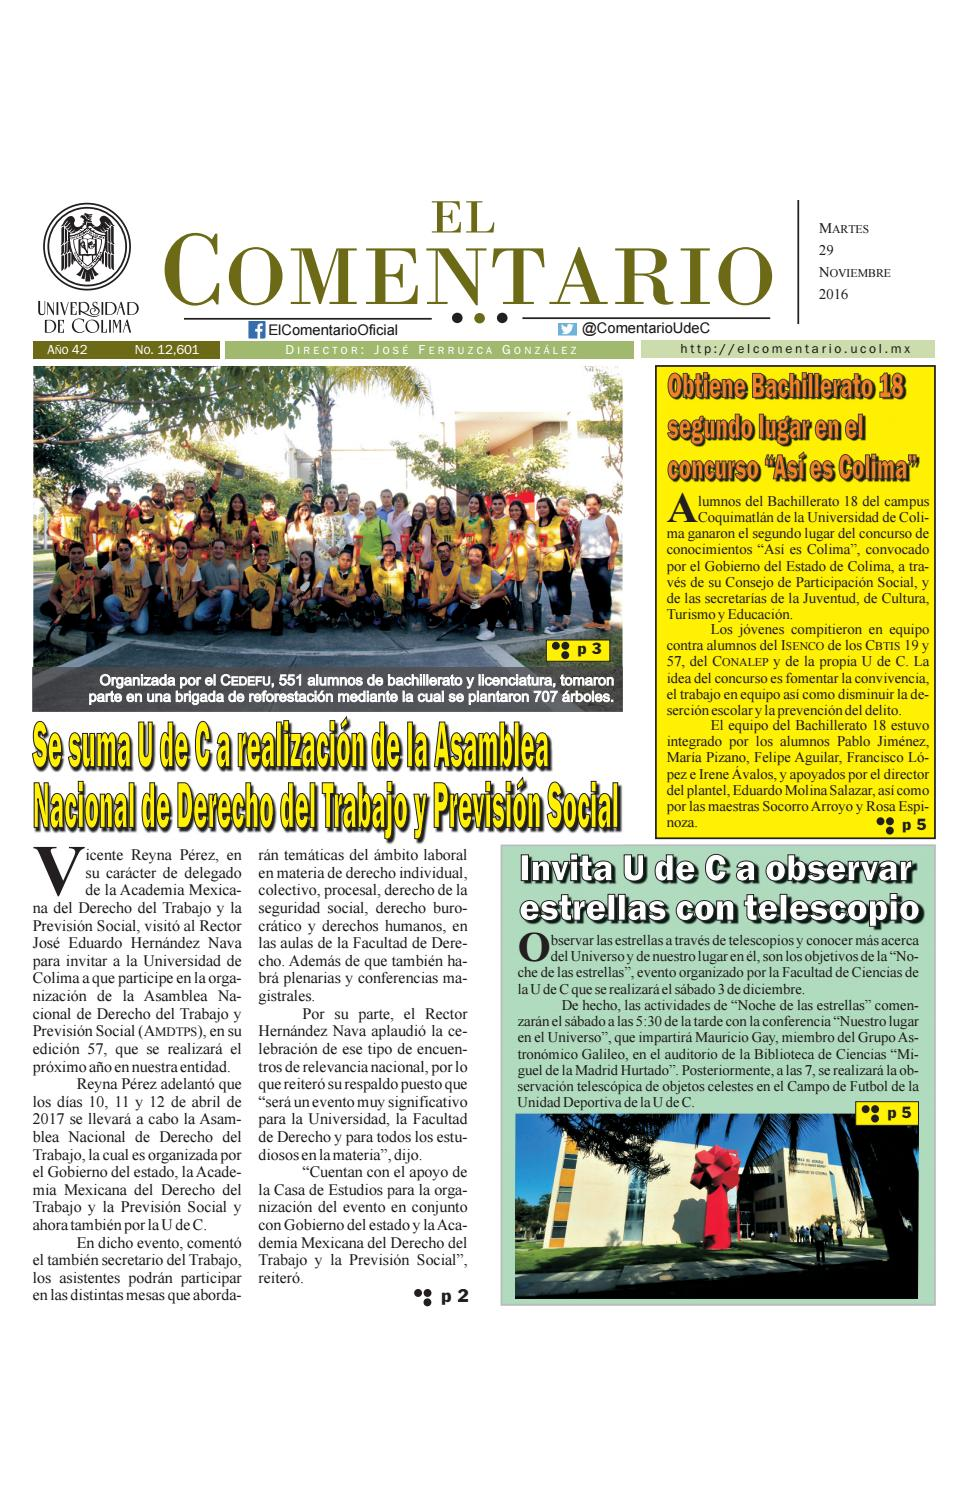 Edición del martes 29 de noviembre de 2016 by Pepe Ferruzca - issuu